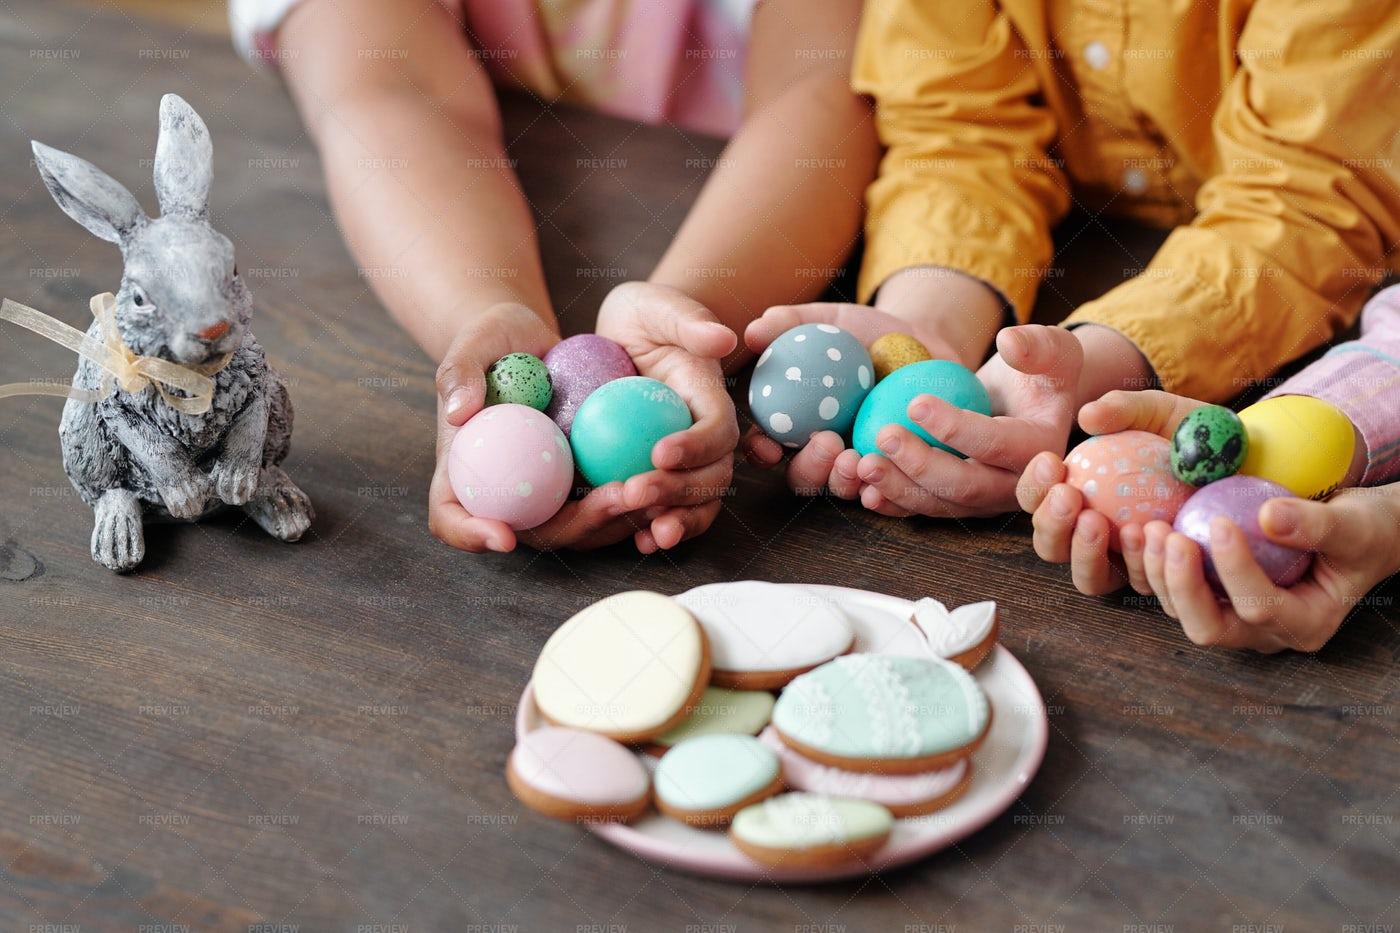 Children Holding Easter Eggs: Stock Photos